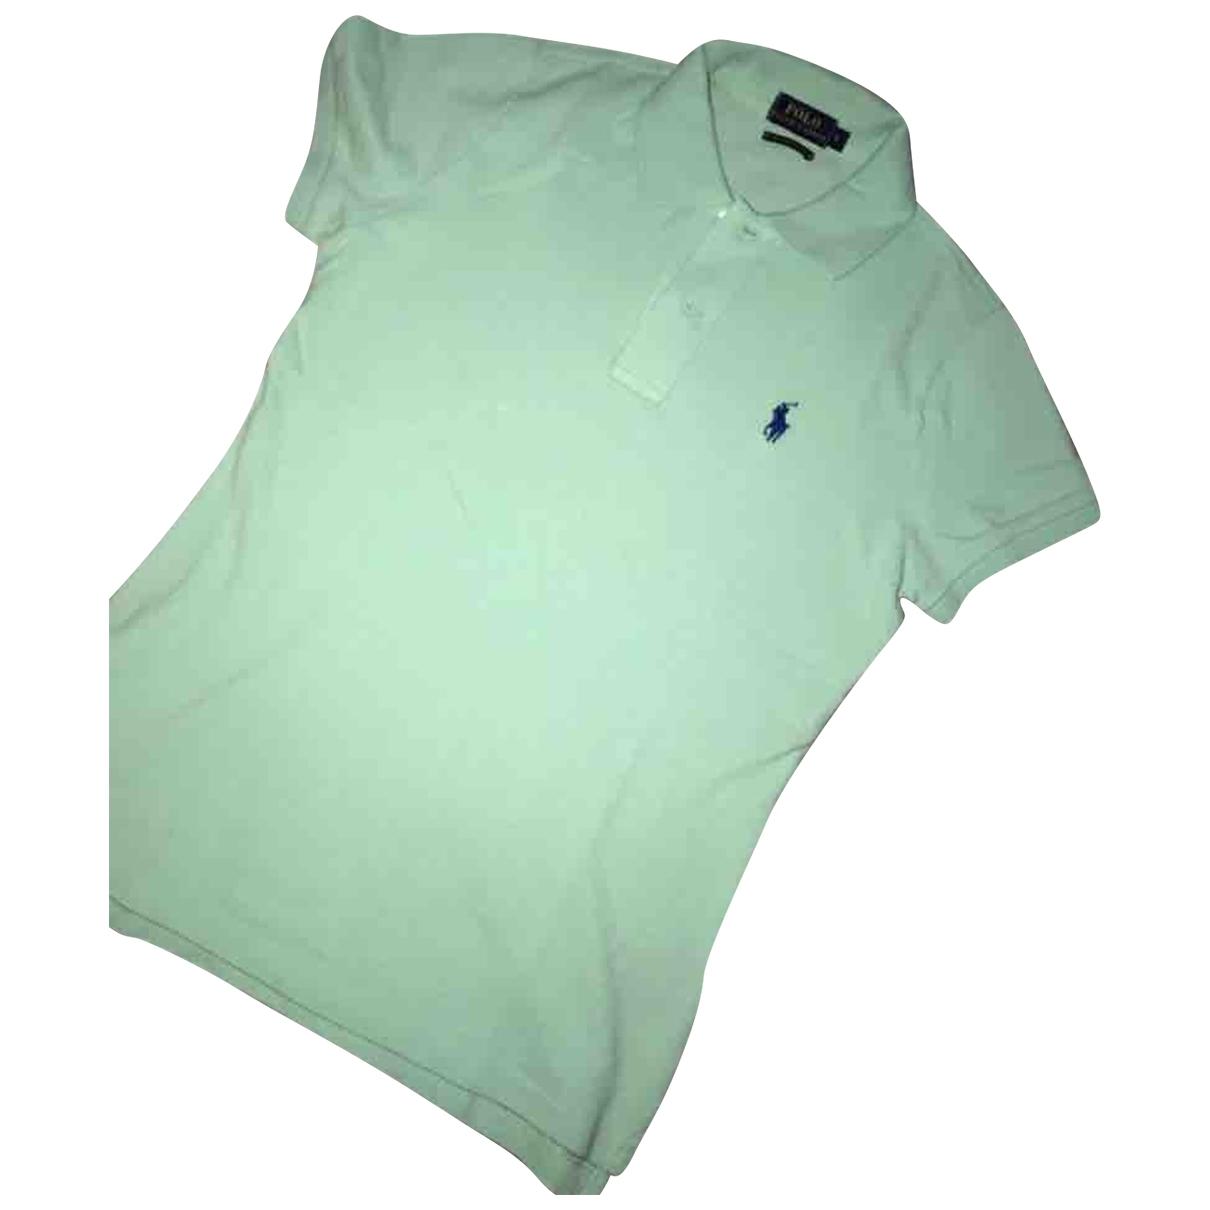 Polo Ralph Lauren - Top   pour femme en coton - vert